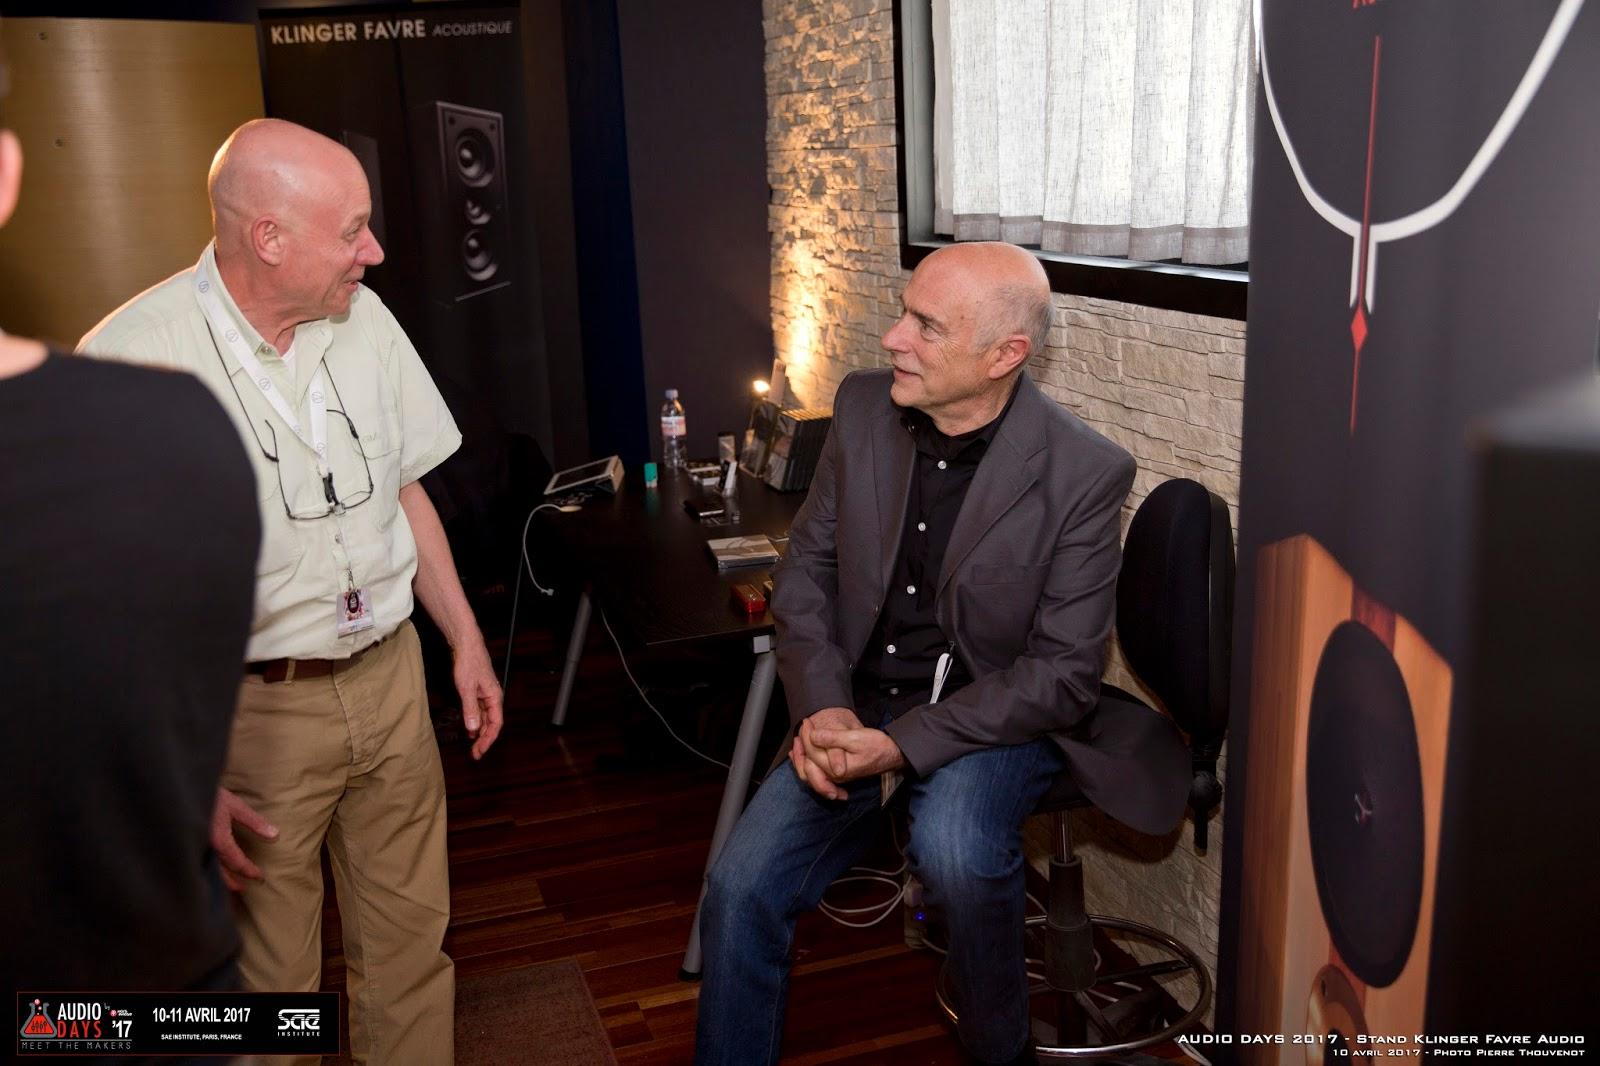 AudioDays 2017 SAE Institute Klinger Favre Pierre Thouvenot Jean Jacques Bacquet